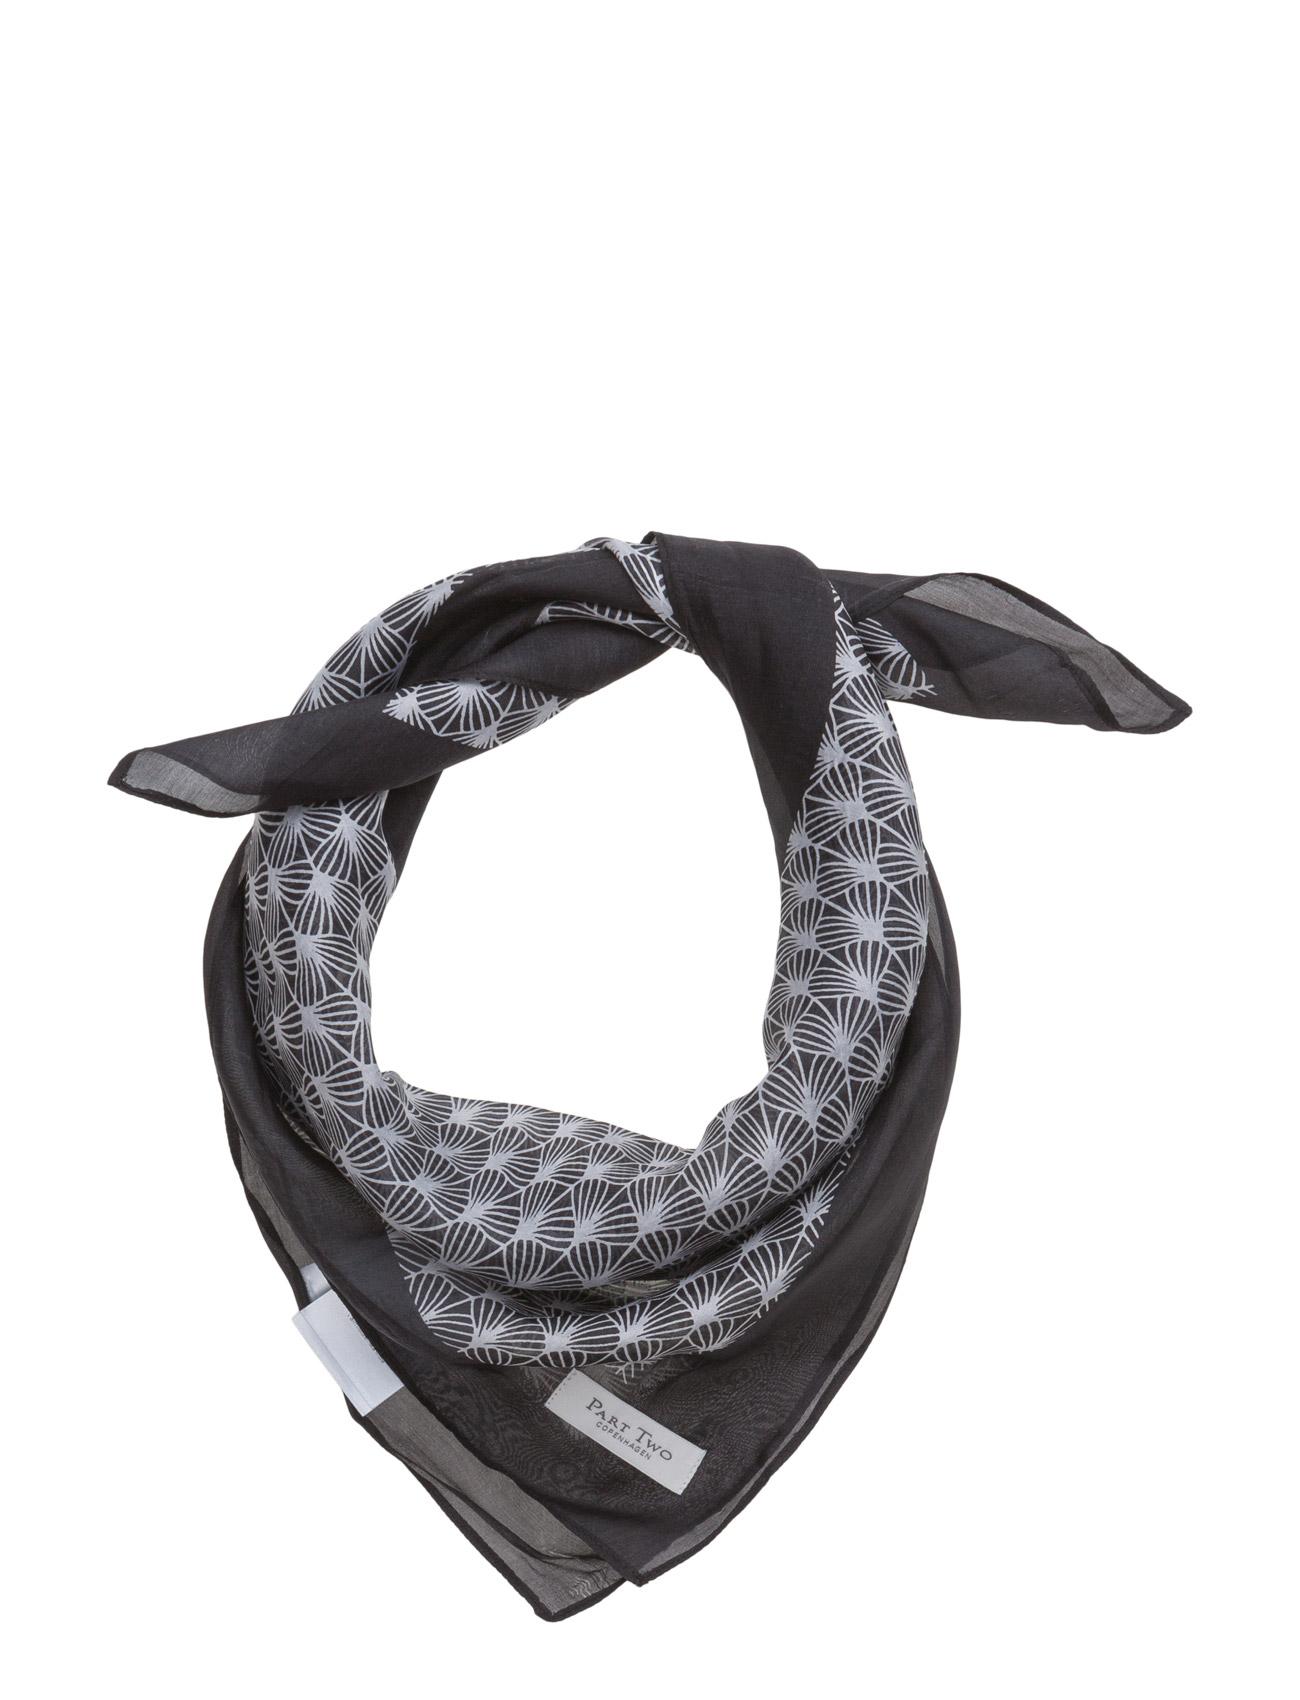 Gallia Sc Part Two Halstørklæder til Damer i artwork Black